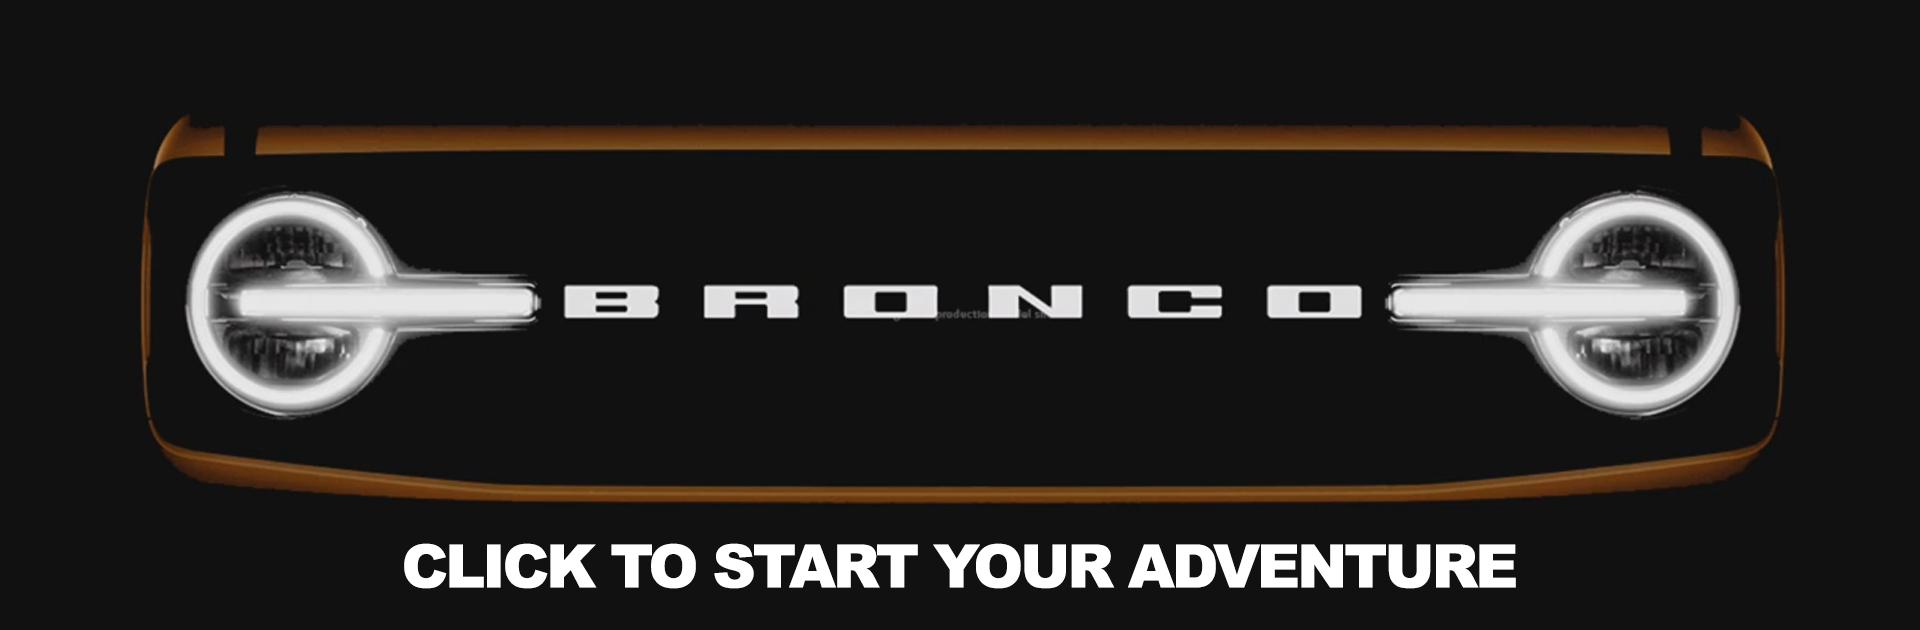 Bronco 1920x630